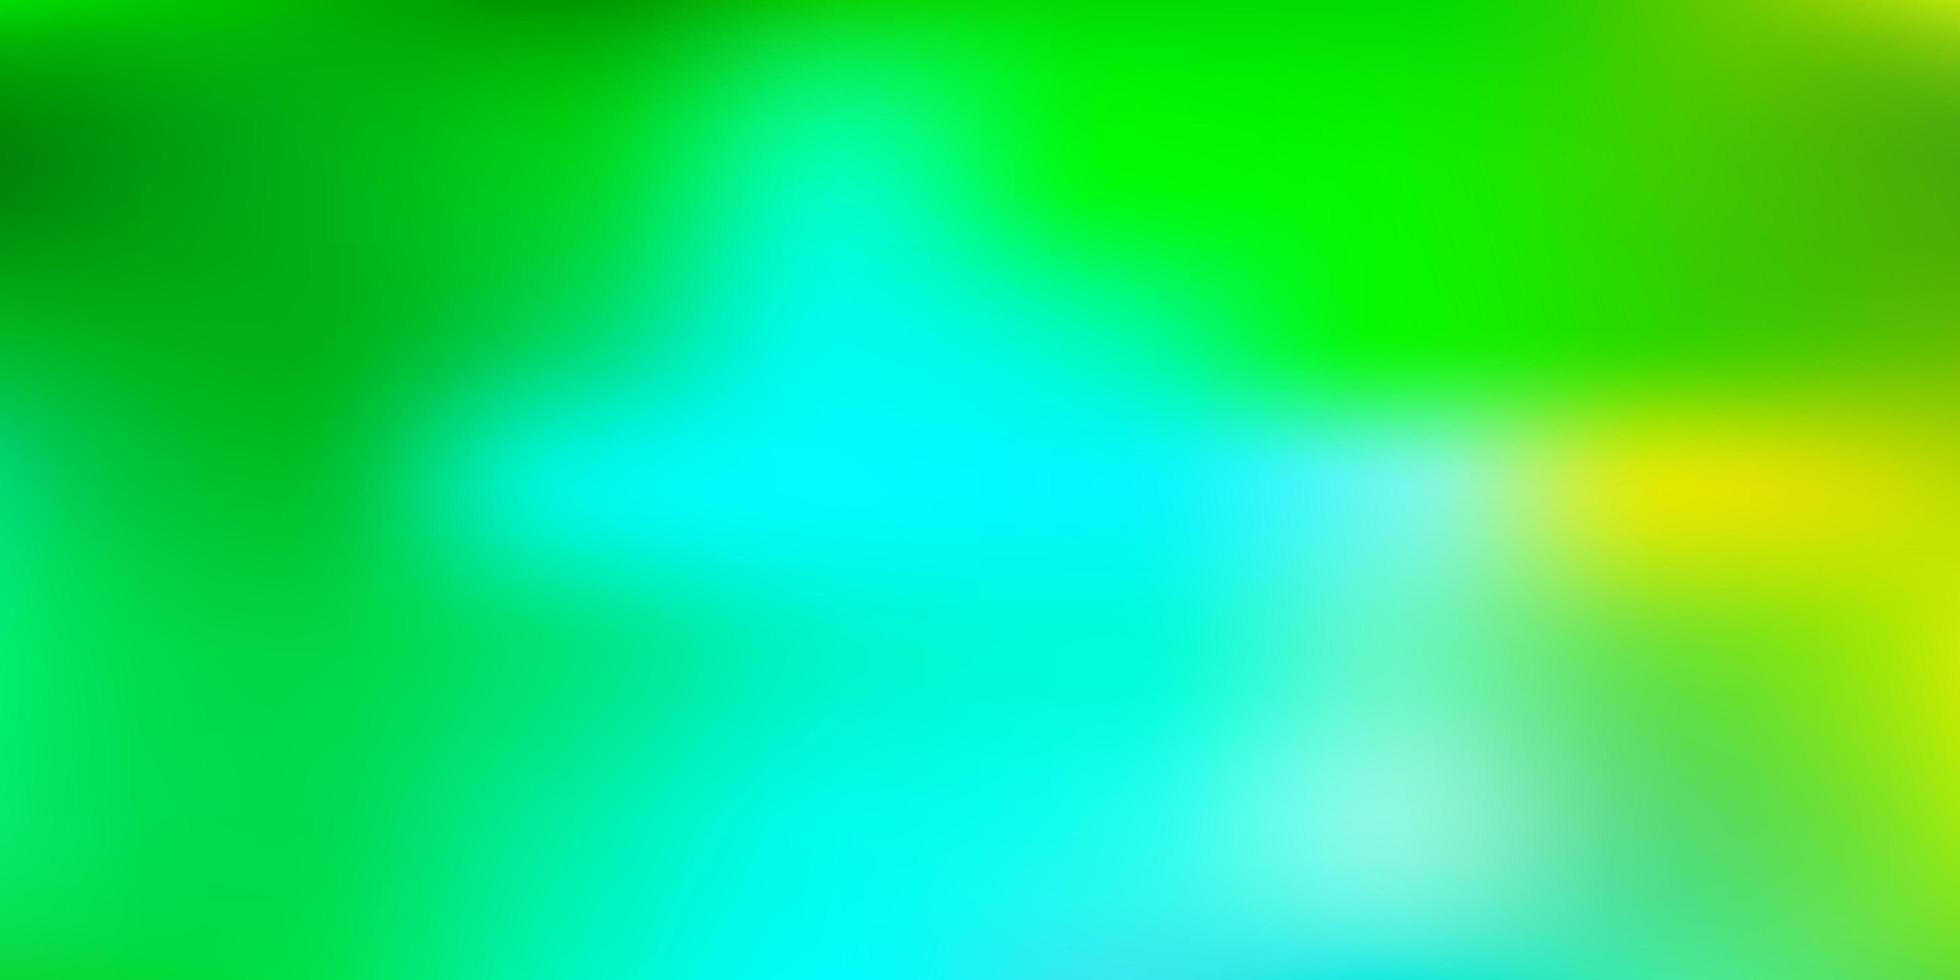 modelo de desfoque de vetor azul e verde claro.